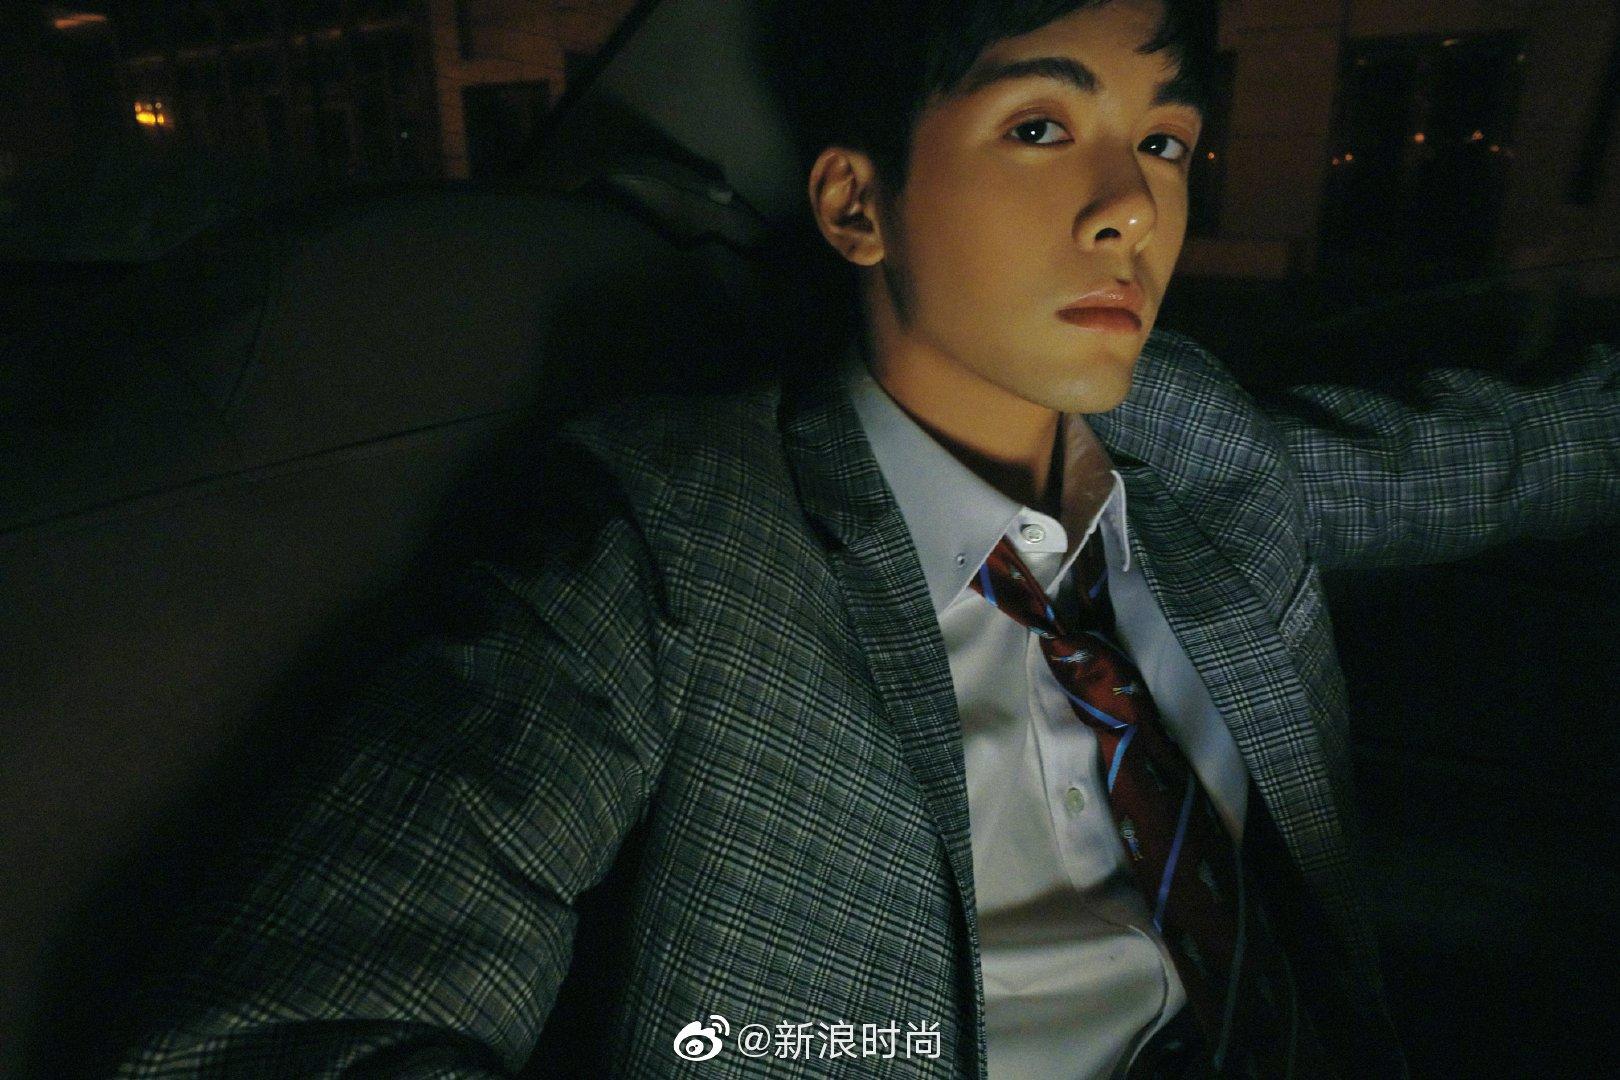 青年演员@曾舜晞Joseph 全新写真曝光,复古格纹西装搭配立领白衬衫